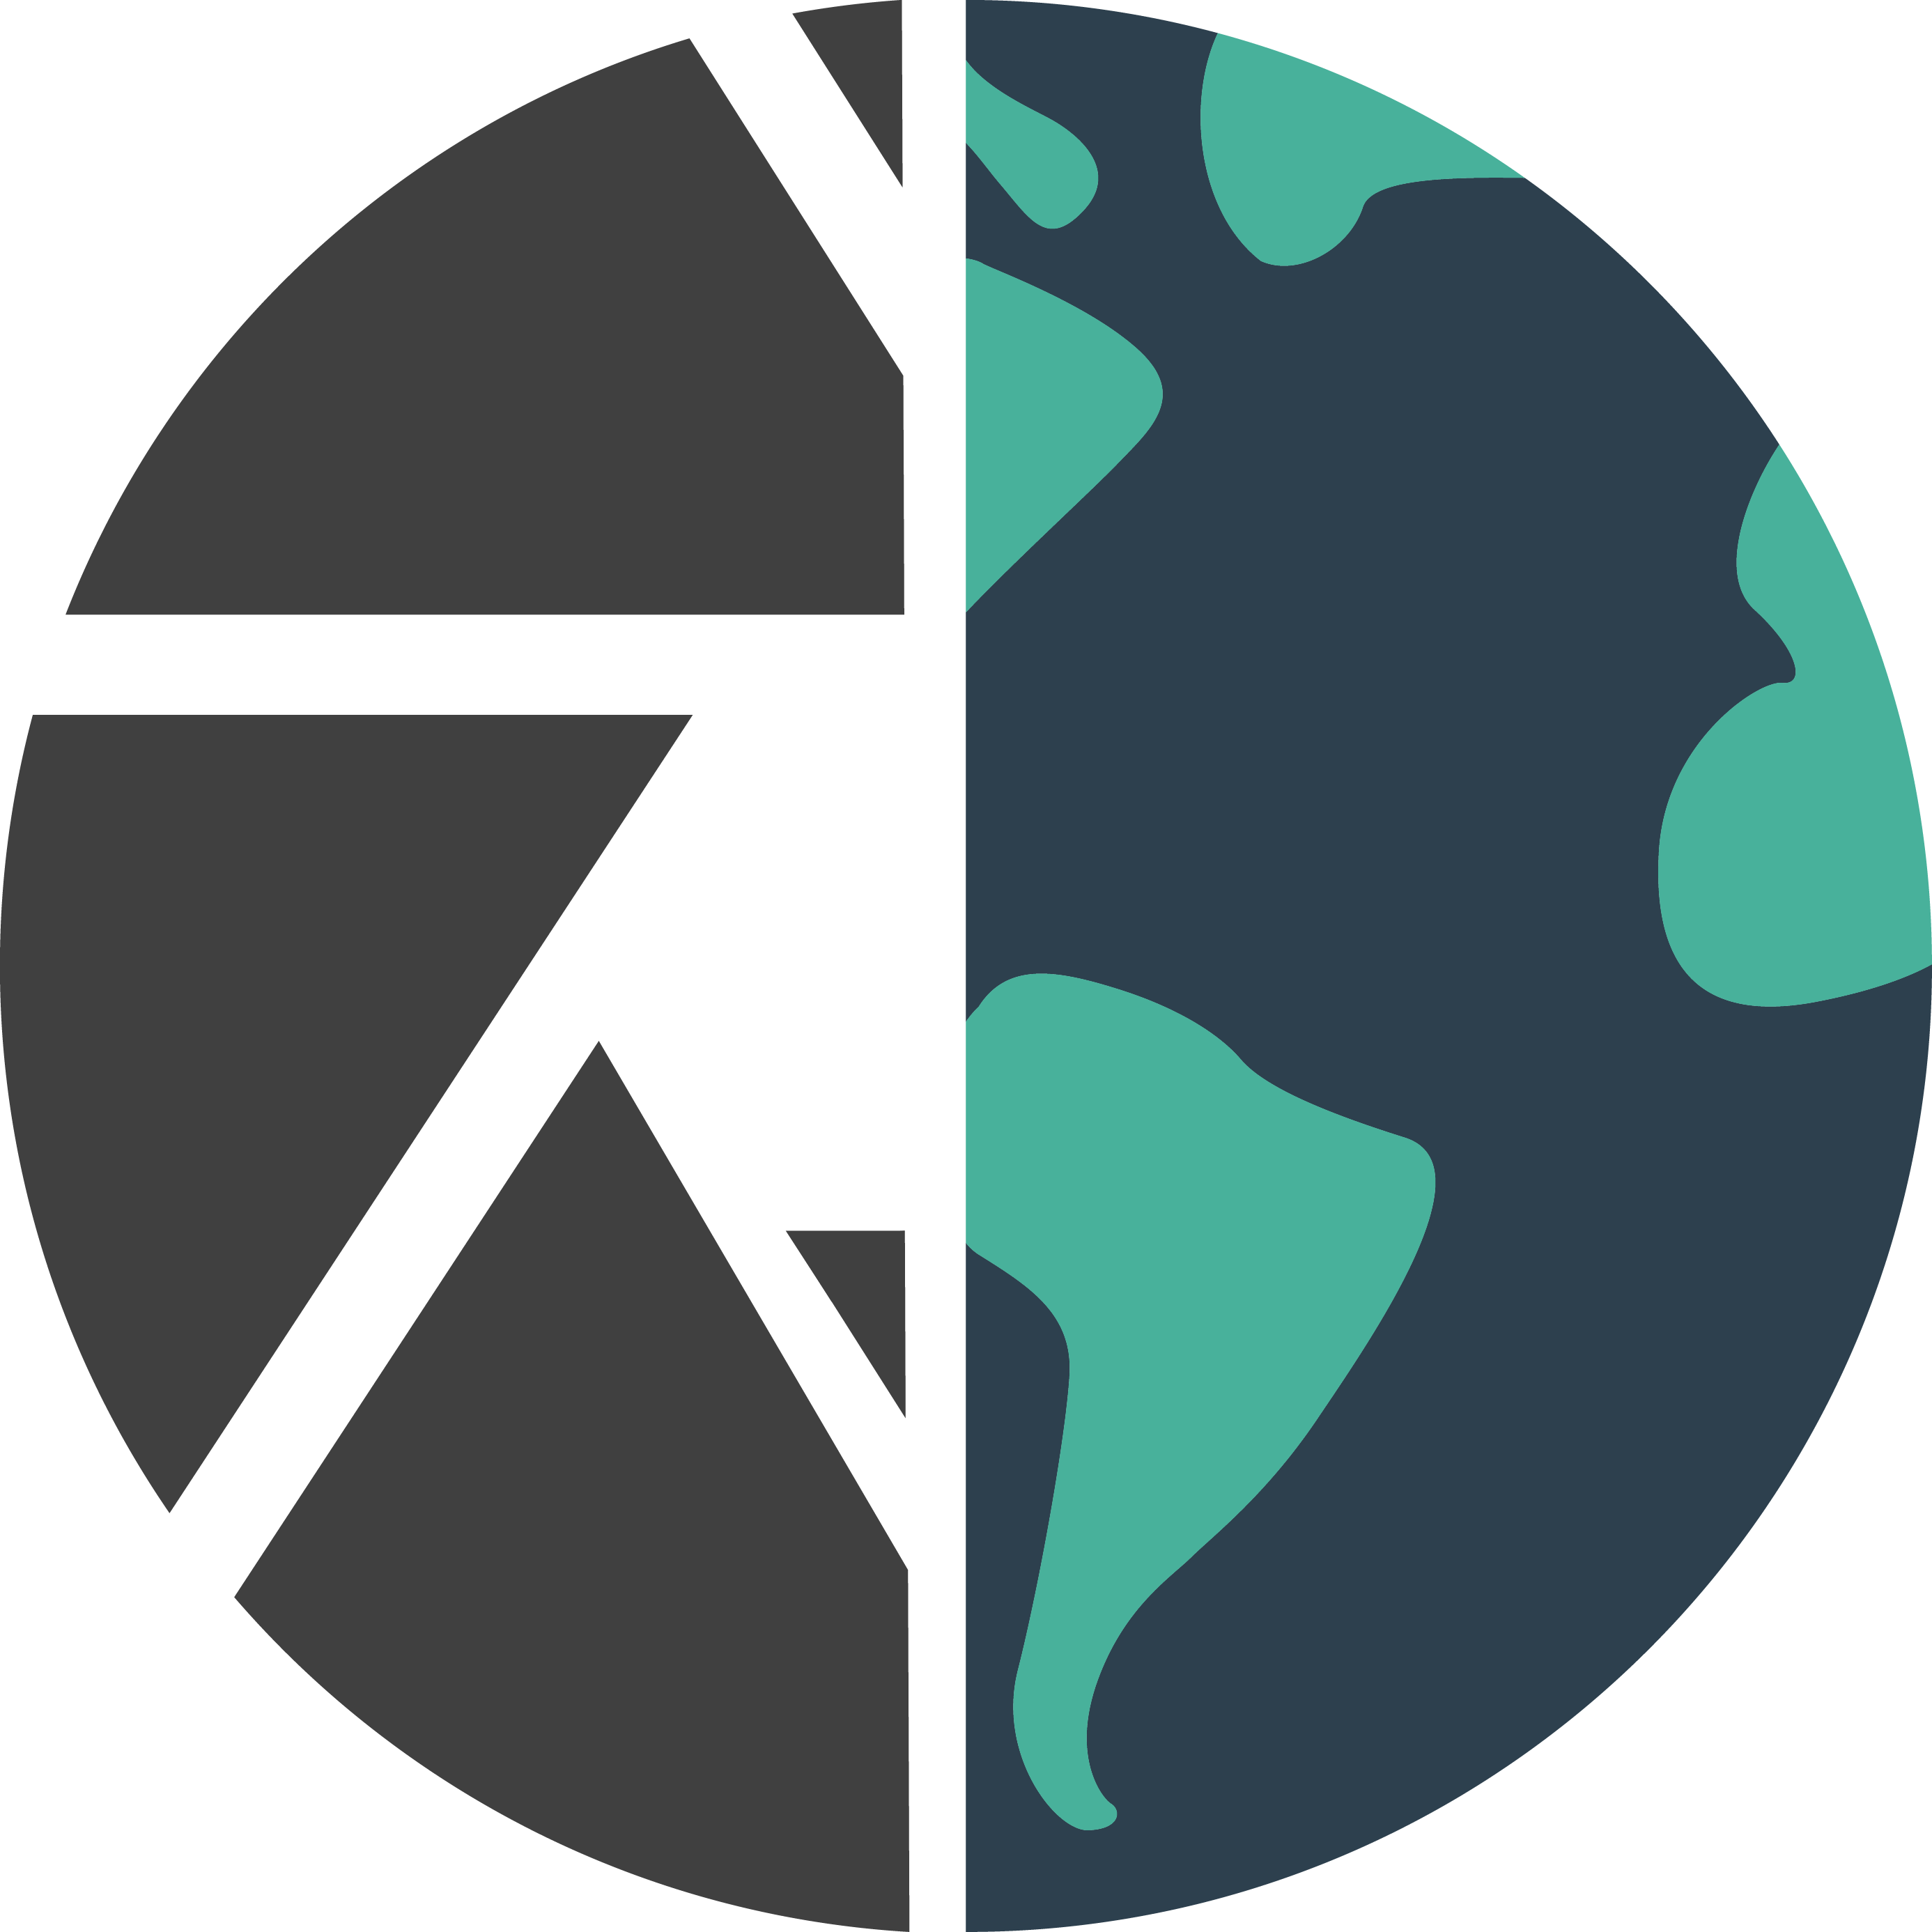 logo oficial de capture the atlas blog de viajes y fotografía